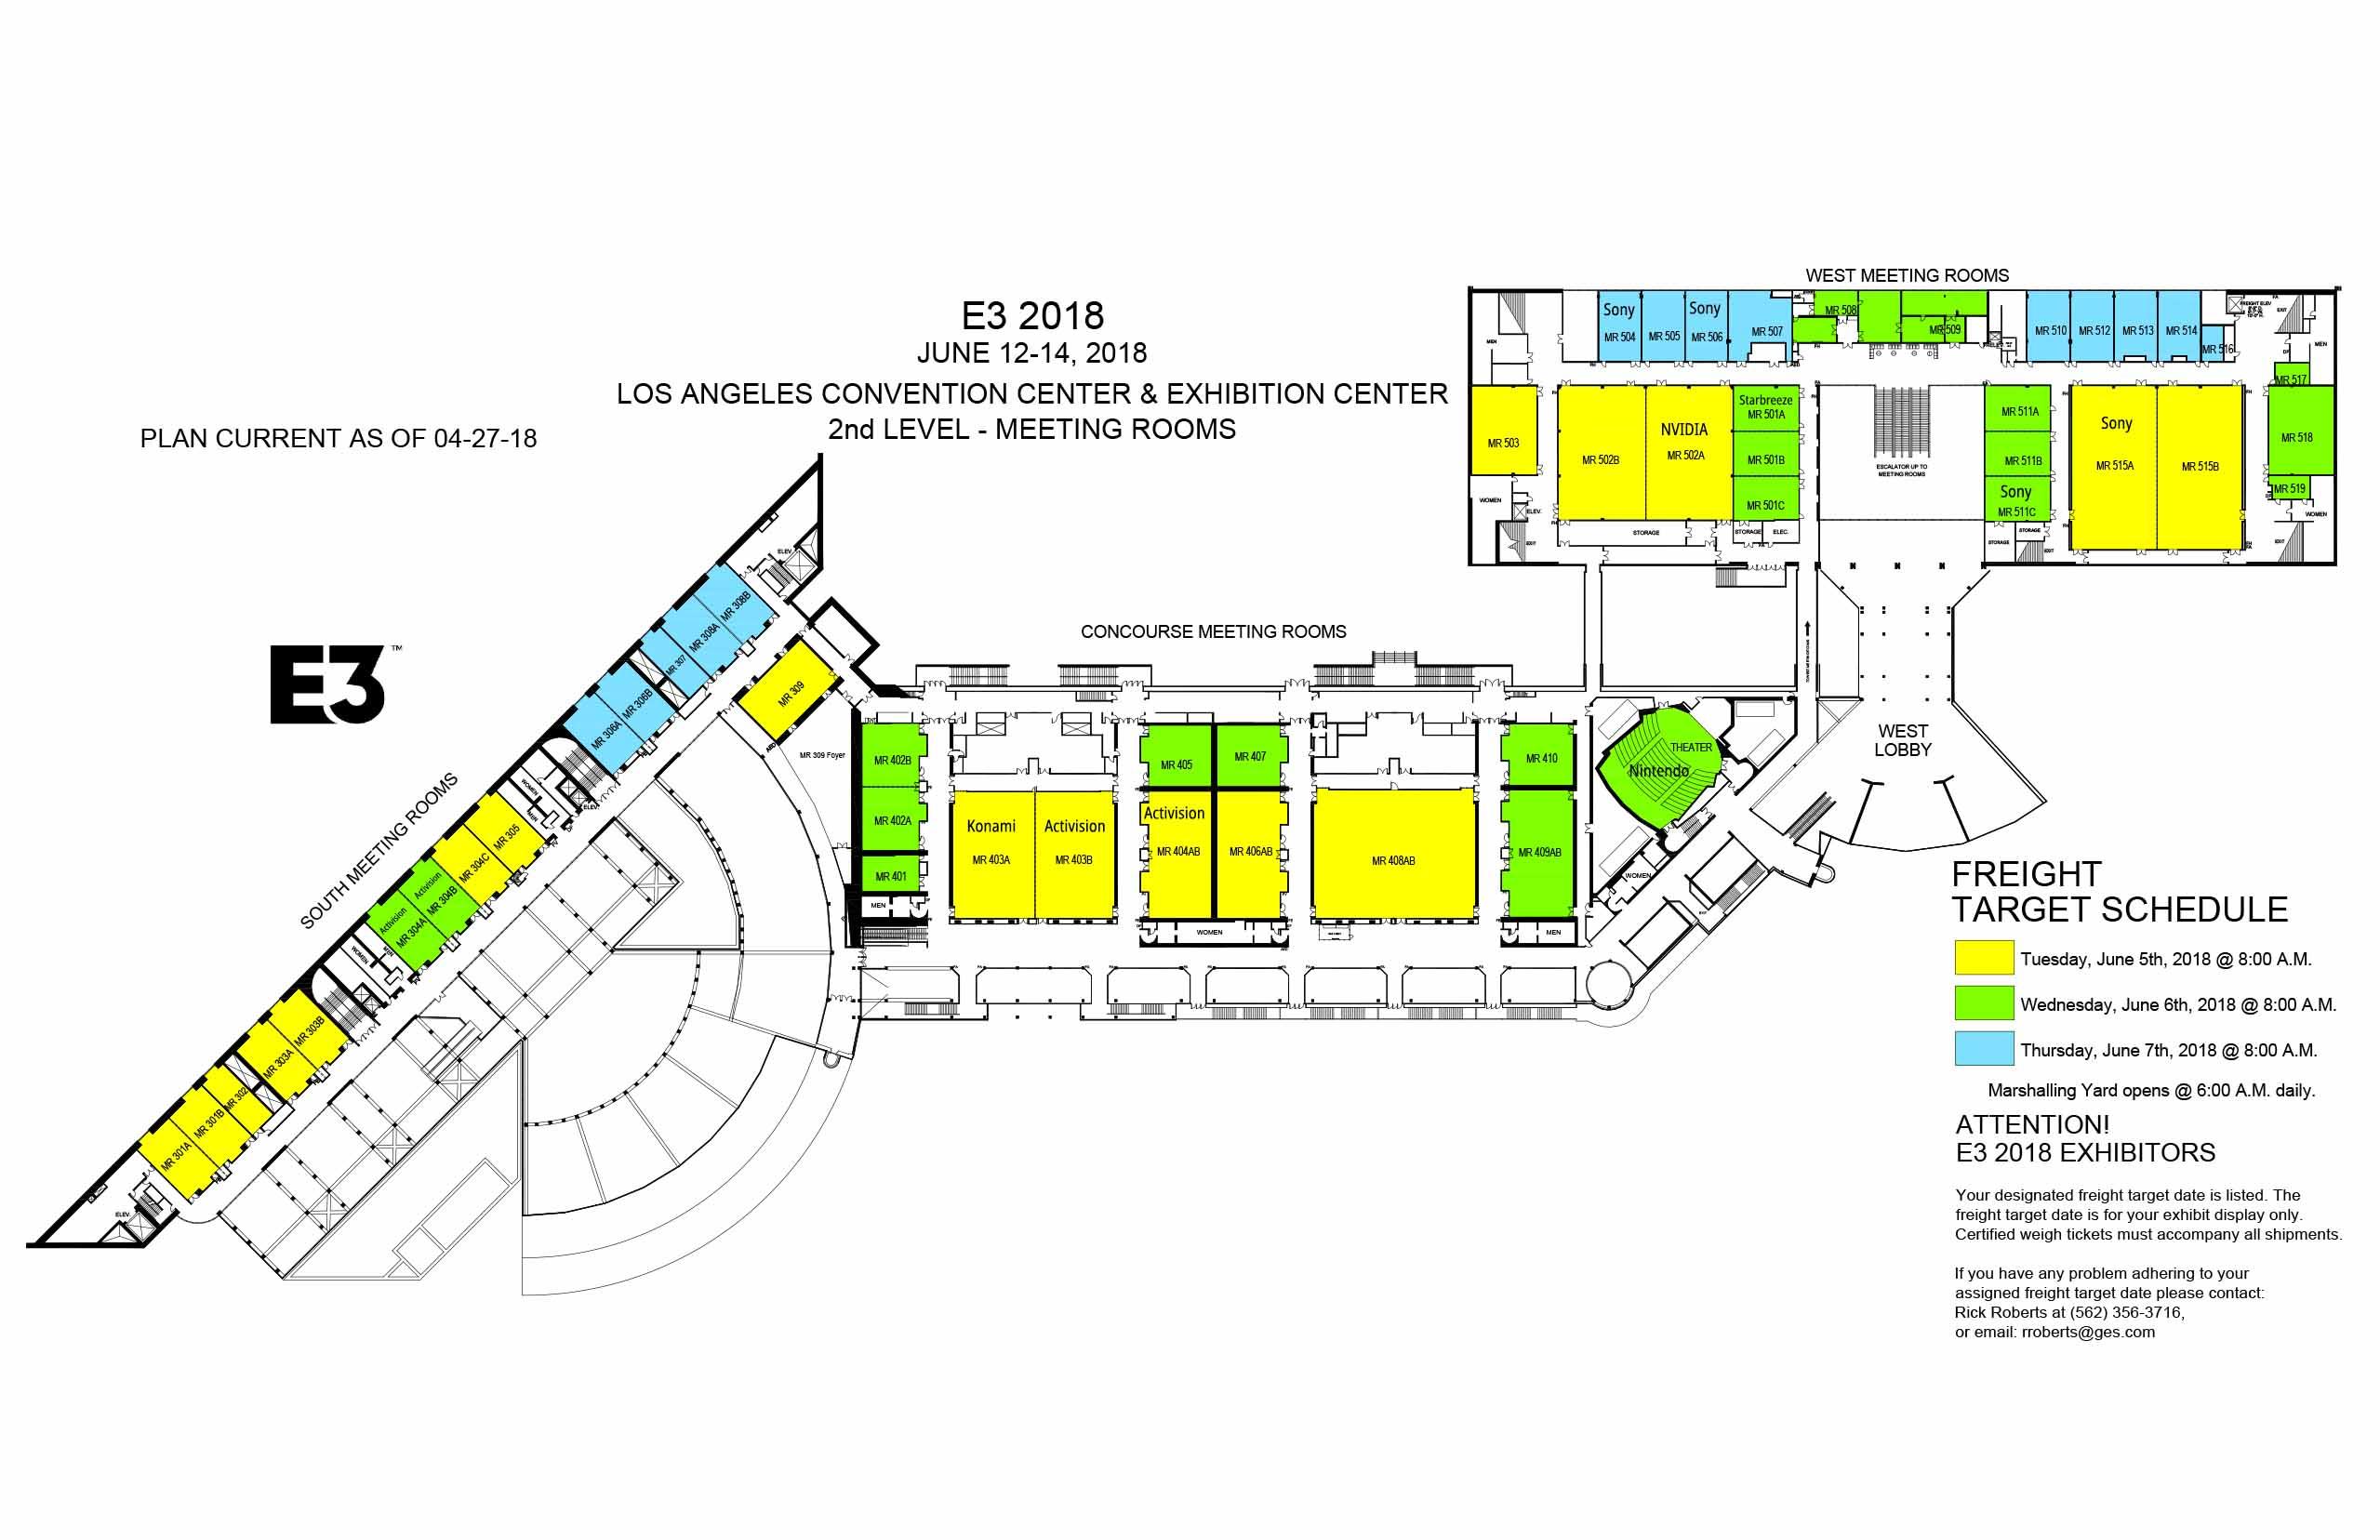 E3 Floor Plan Concourse Hall